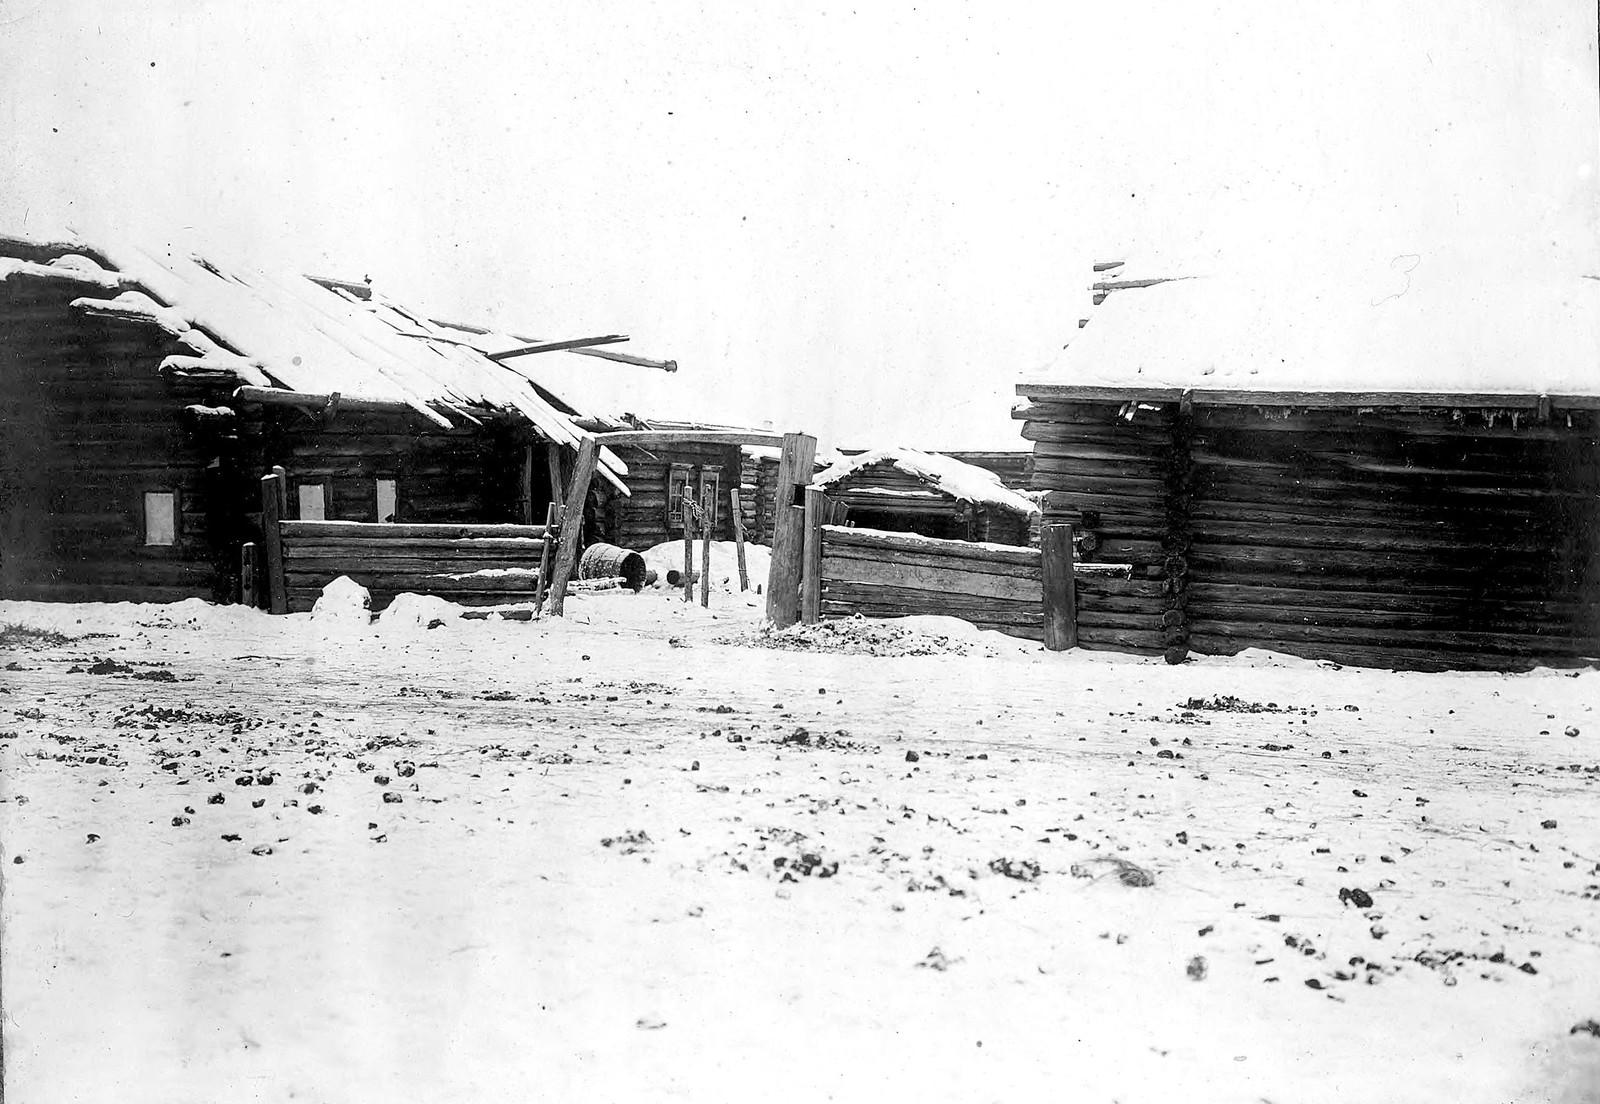 Фрагмент усадьбы бедного хозяйства в селе Богучанском Енисейского уезда